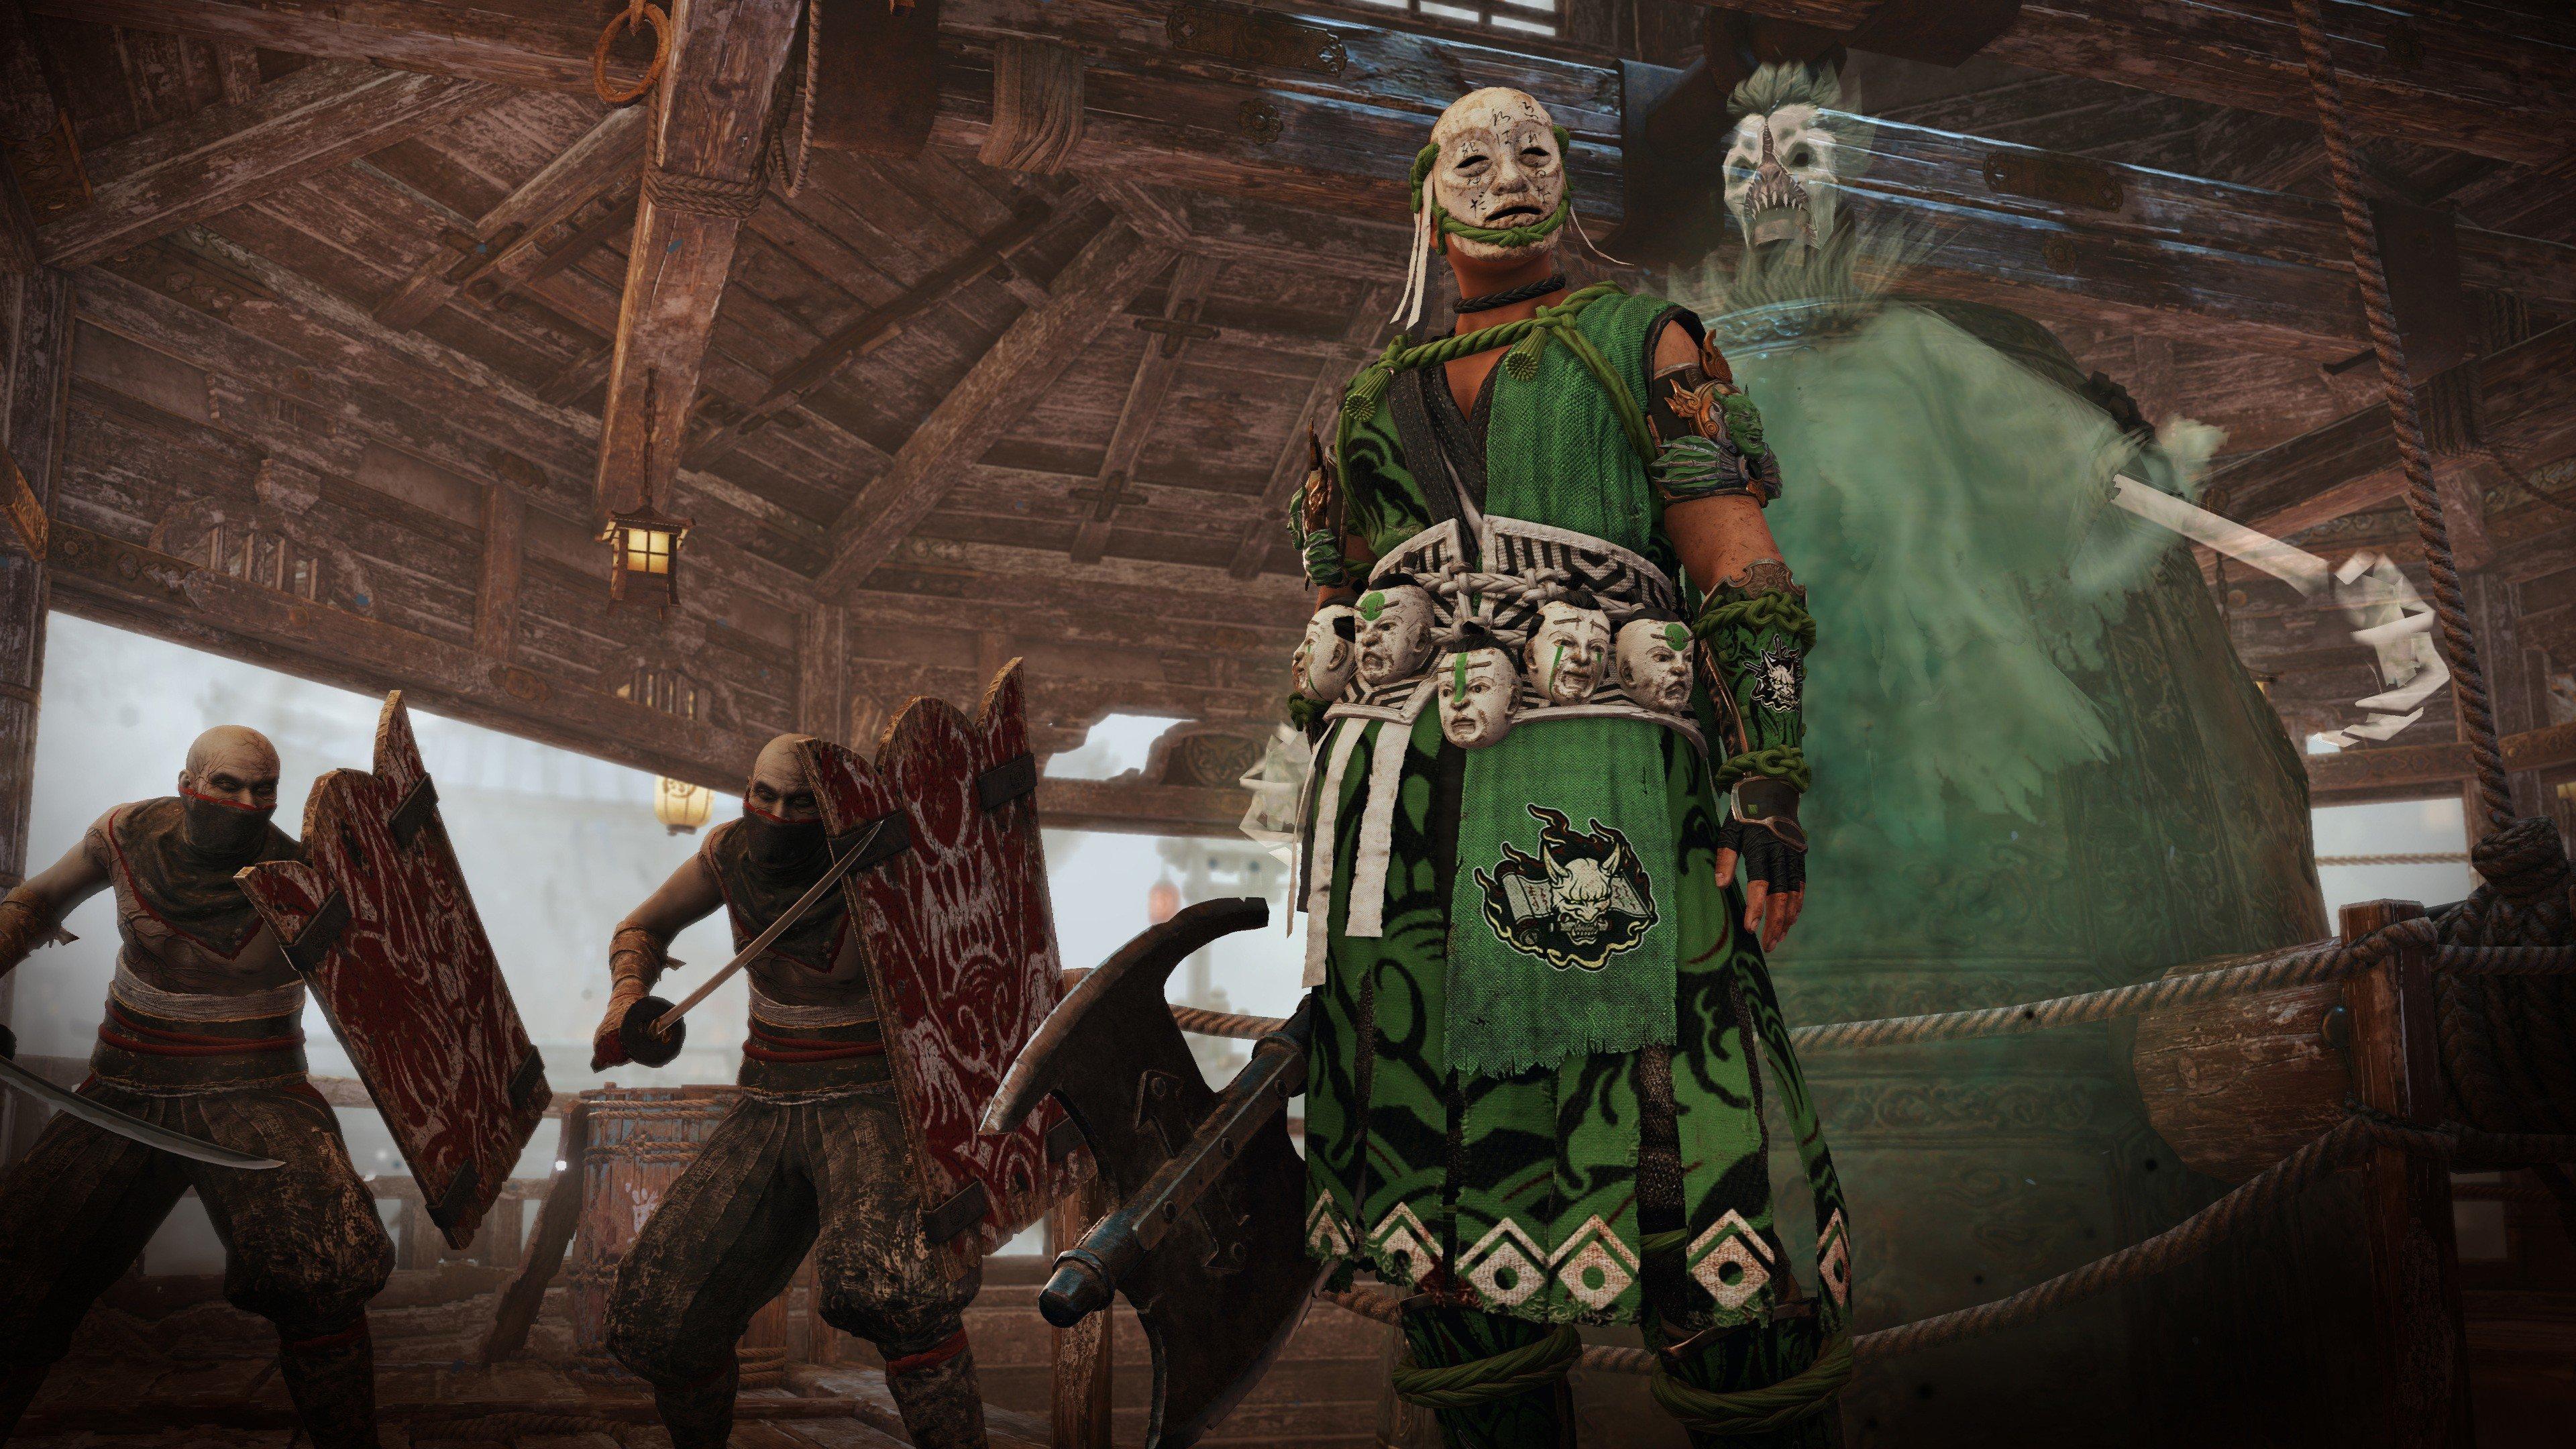 Wallpaper For Honor Shadows of the Hitokiri E3 2019 screenshot 3840x2160